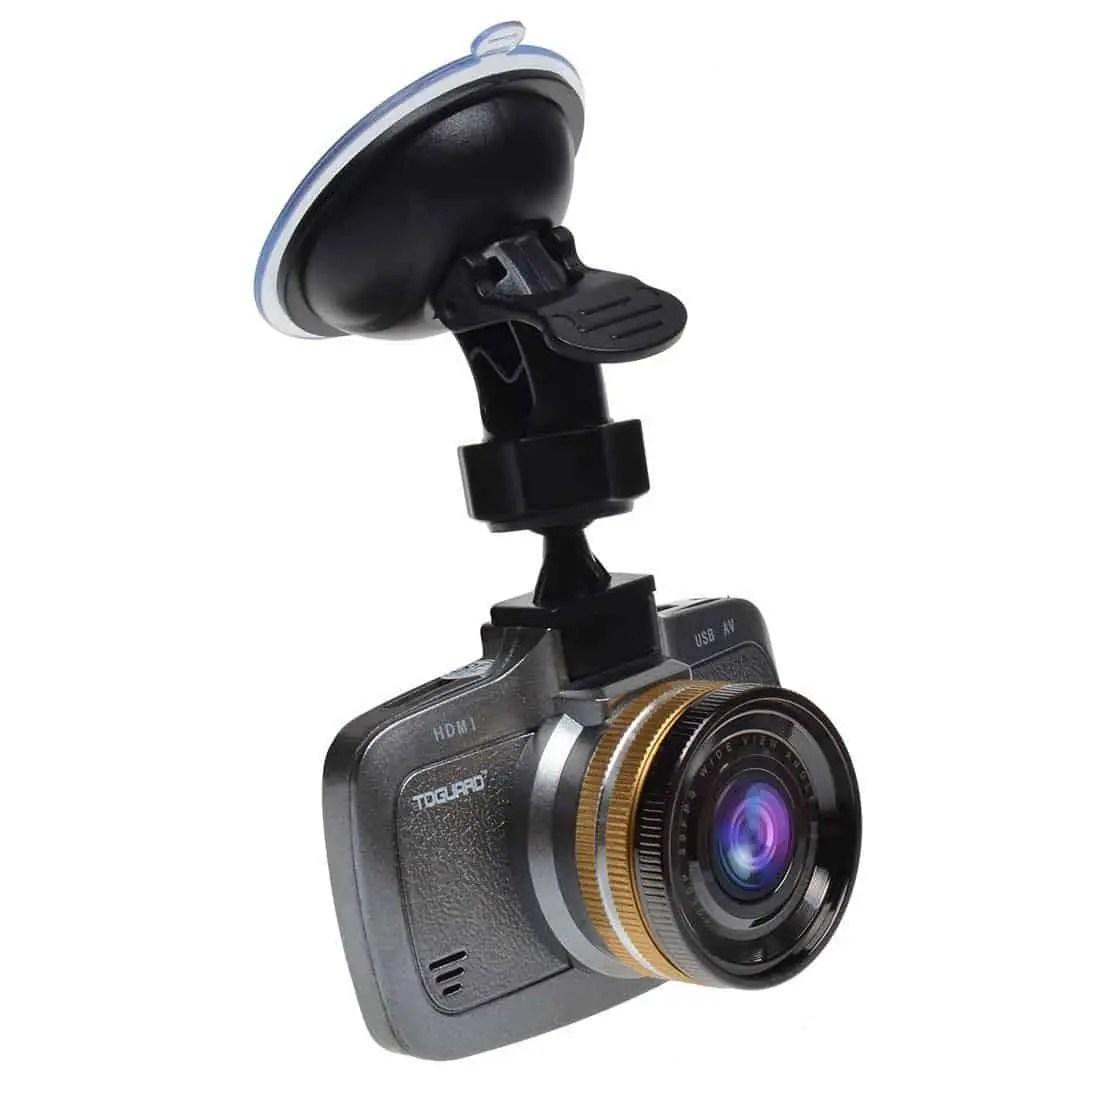 Torguard Car Camera Review